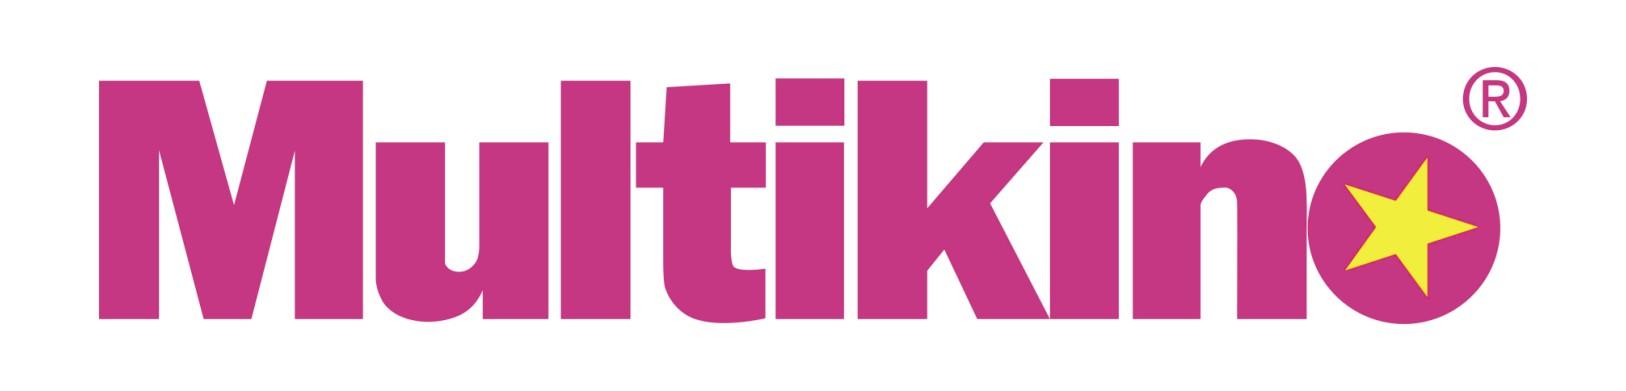 Bilety do Multikina 2D za 16 PLN (wszystkie kina, cały tydzień)